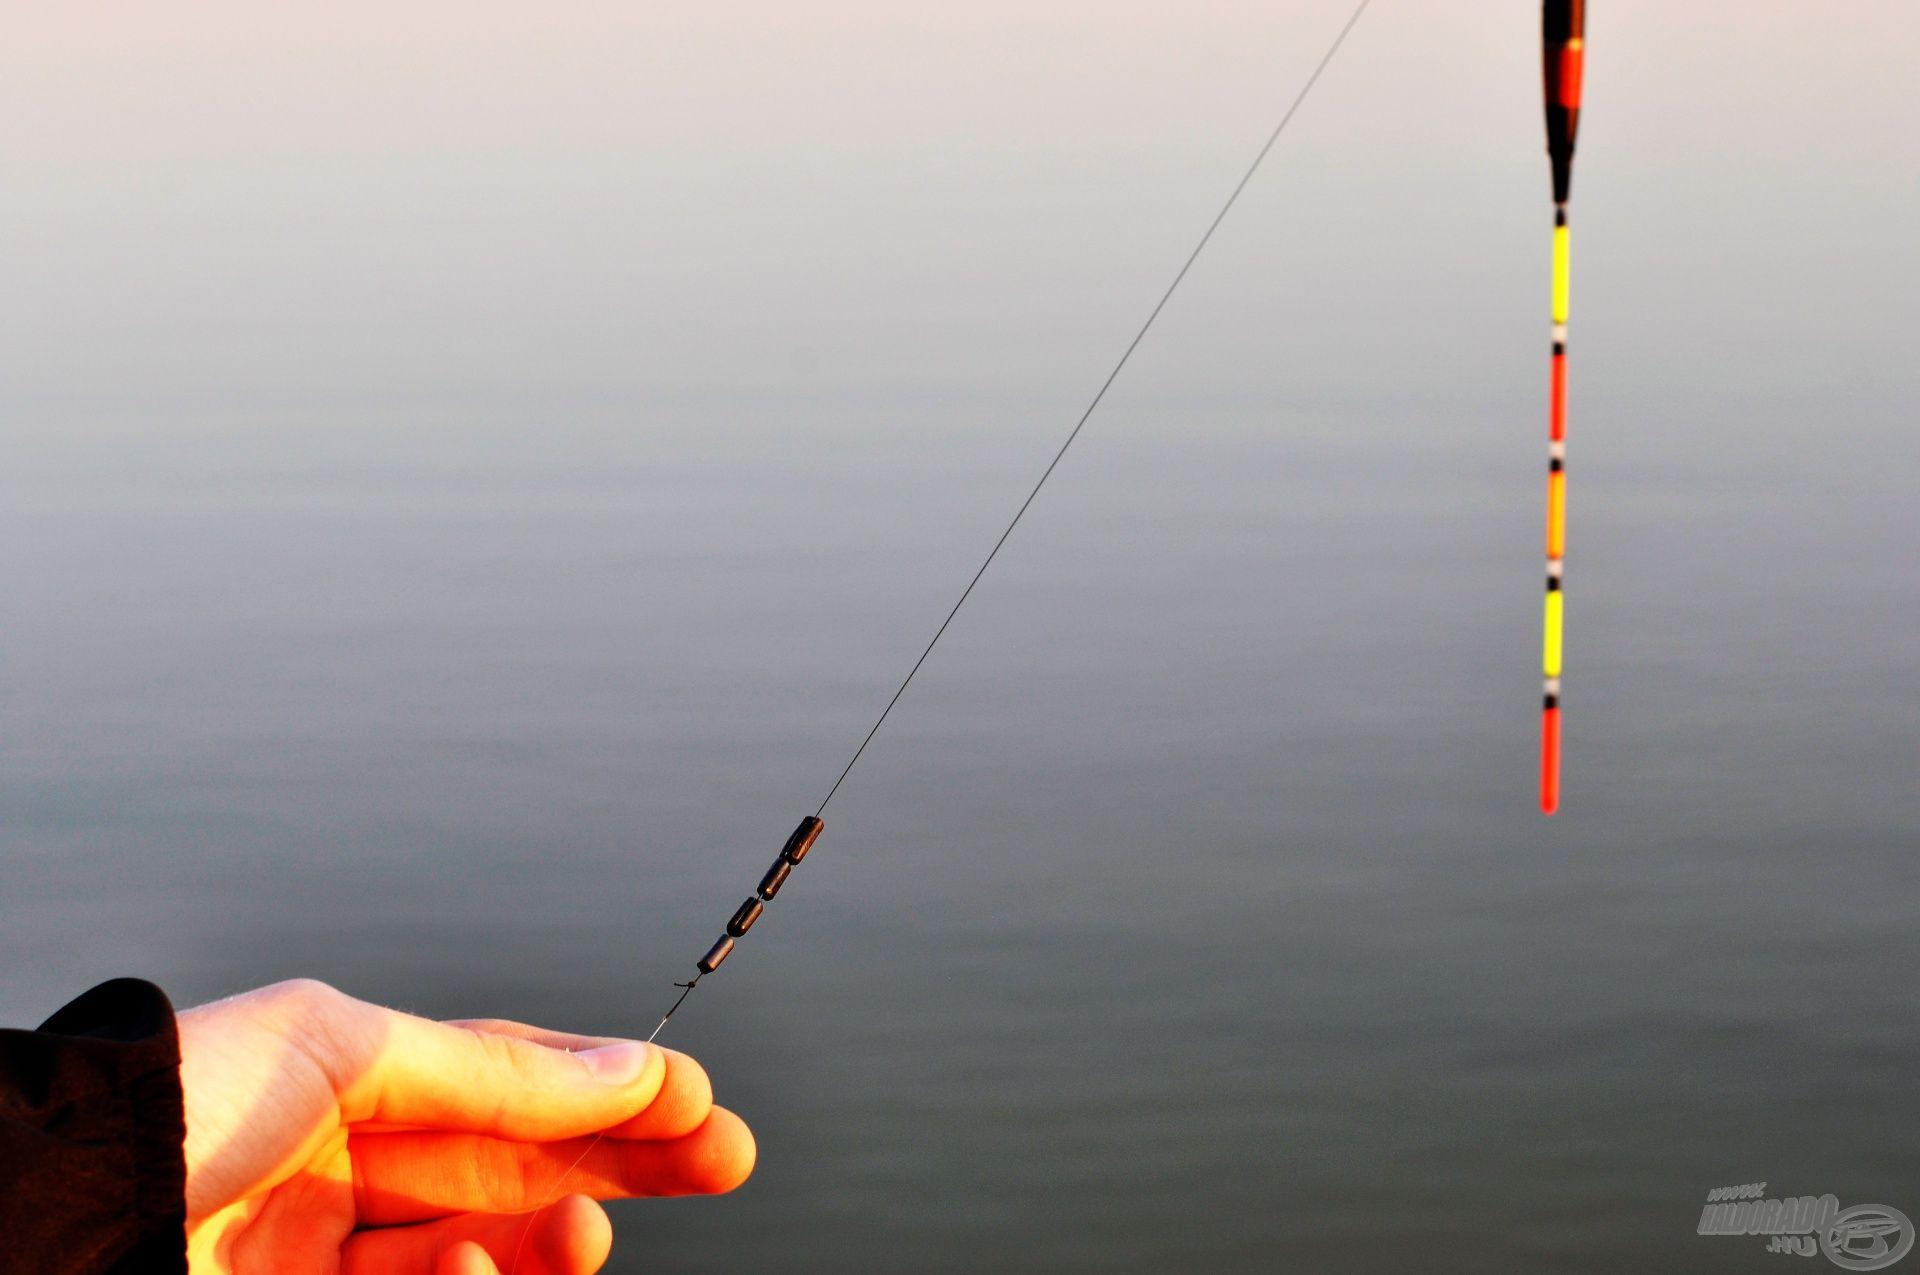 Mélyebb vízre szánt osztott súlyok (stil), melyek tetszőleges távolságra húzhatók egymástól a mélységmérés után